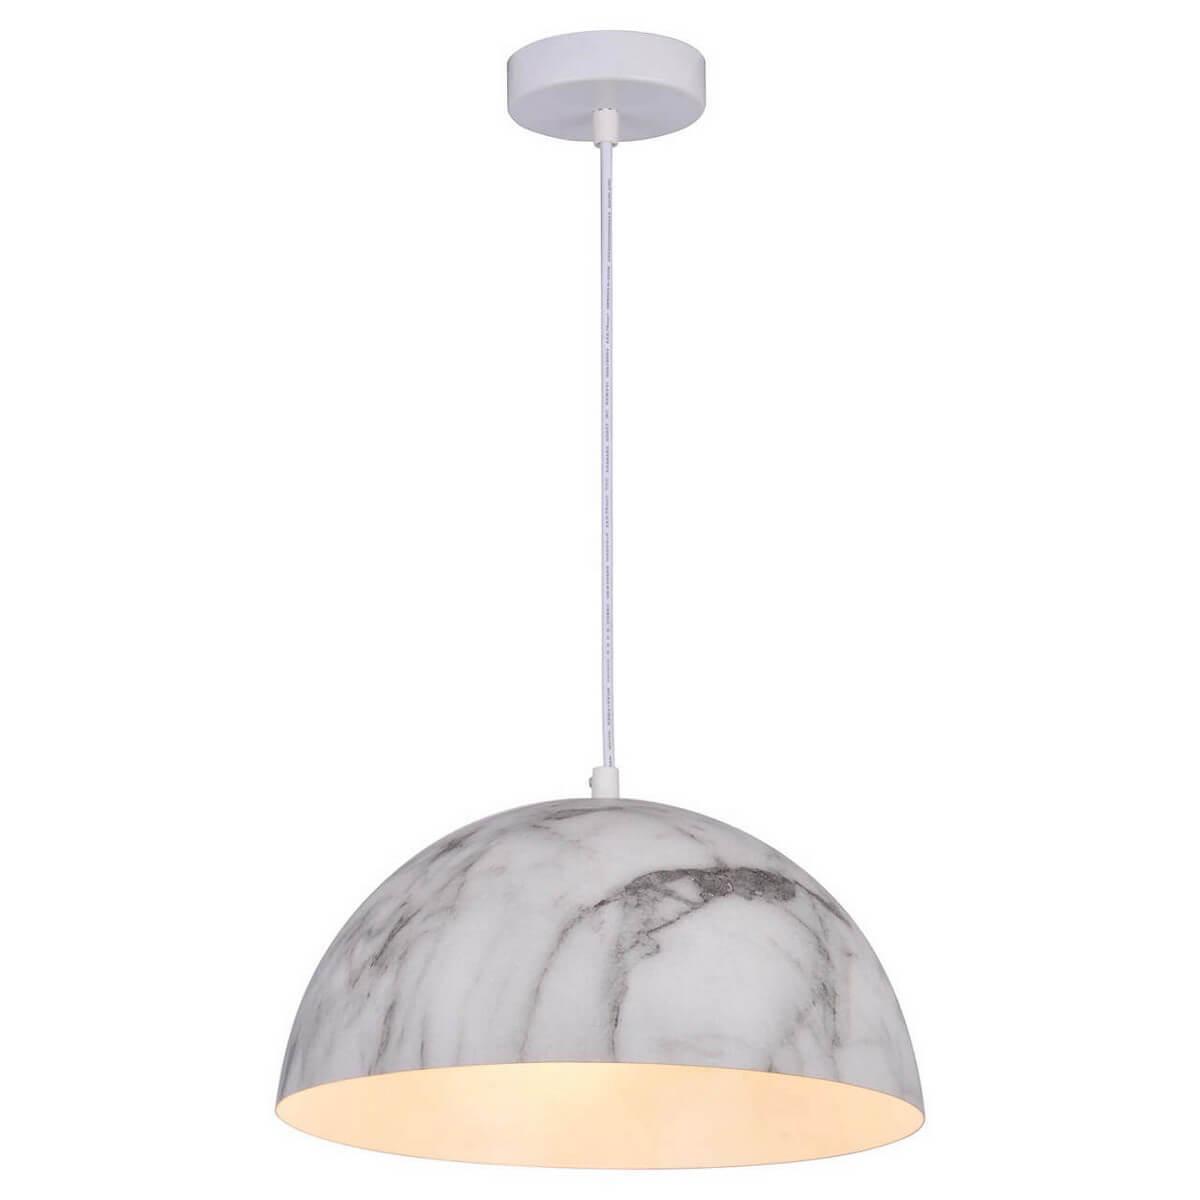 Подвесной светильник Lussole Lgo GRLSP-0179 подвесной светильник lussole grlsp 9654 красный